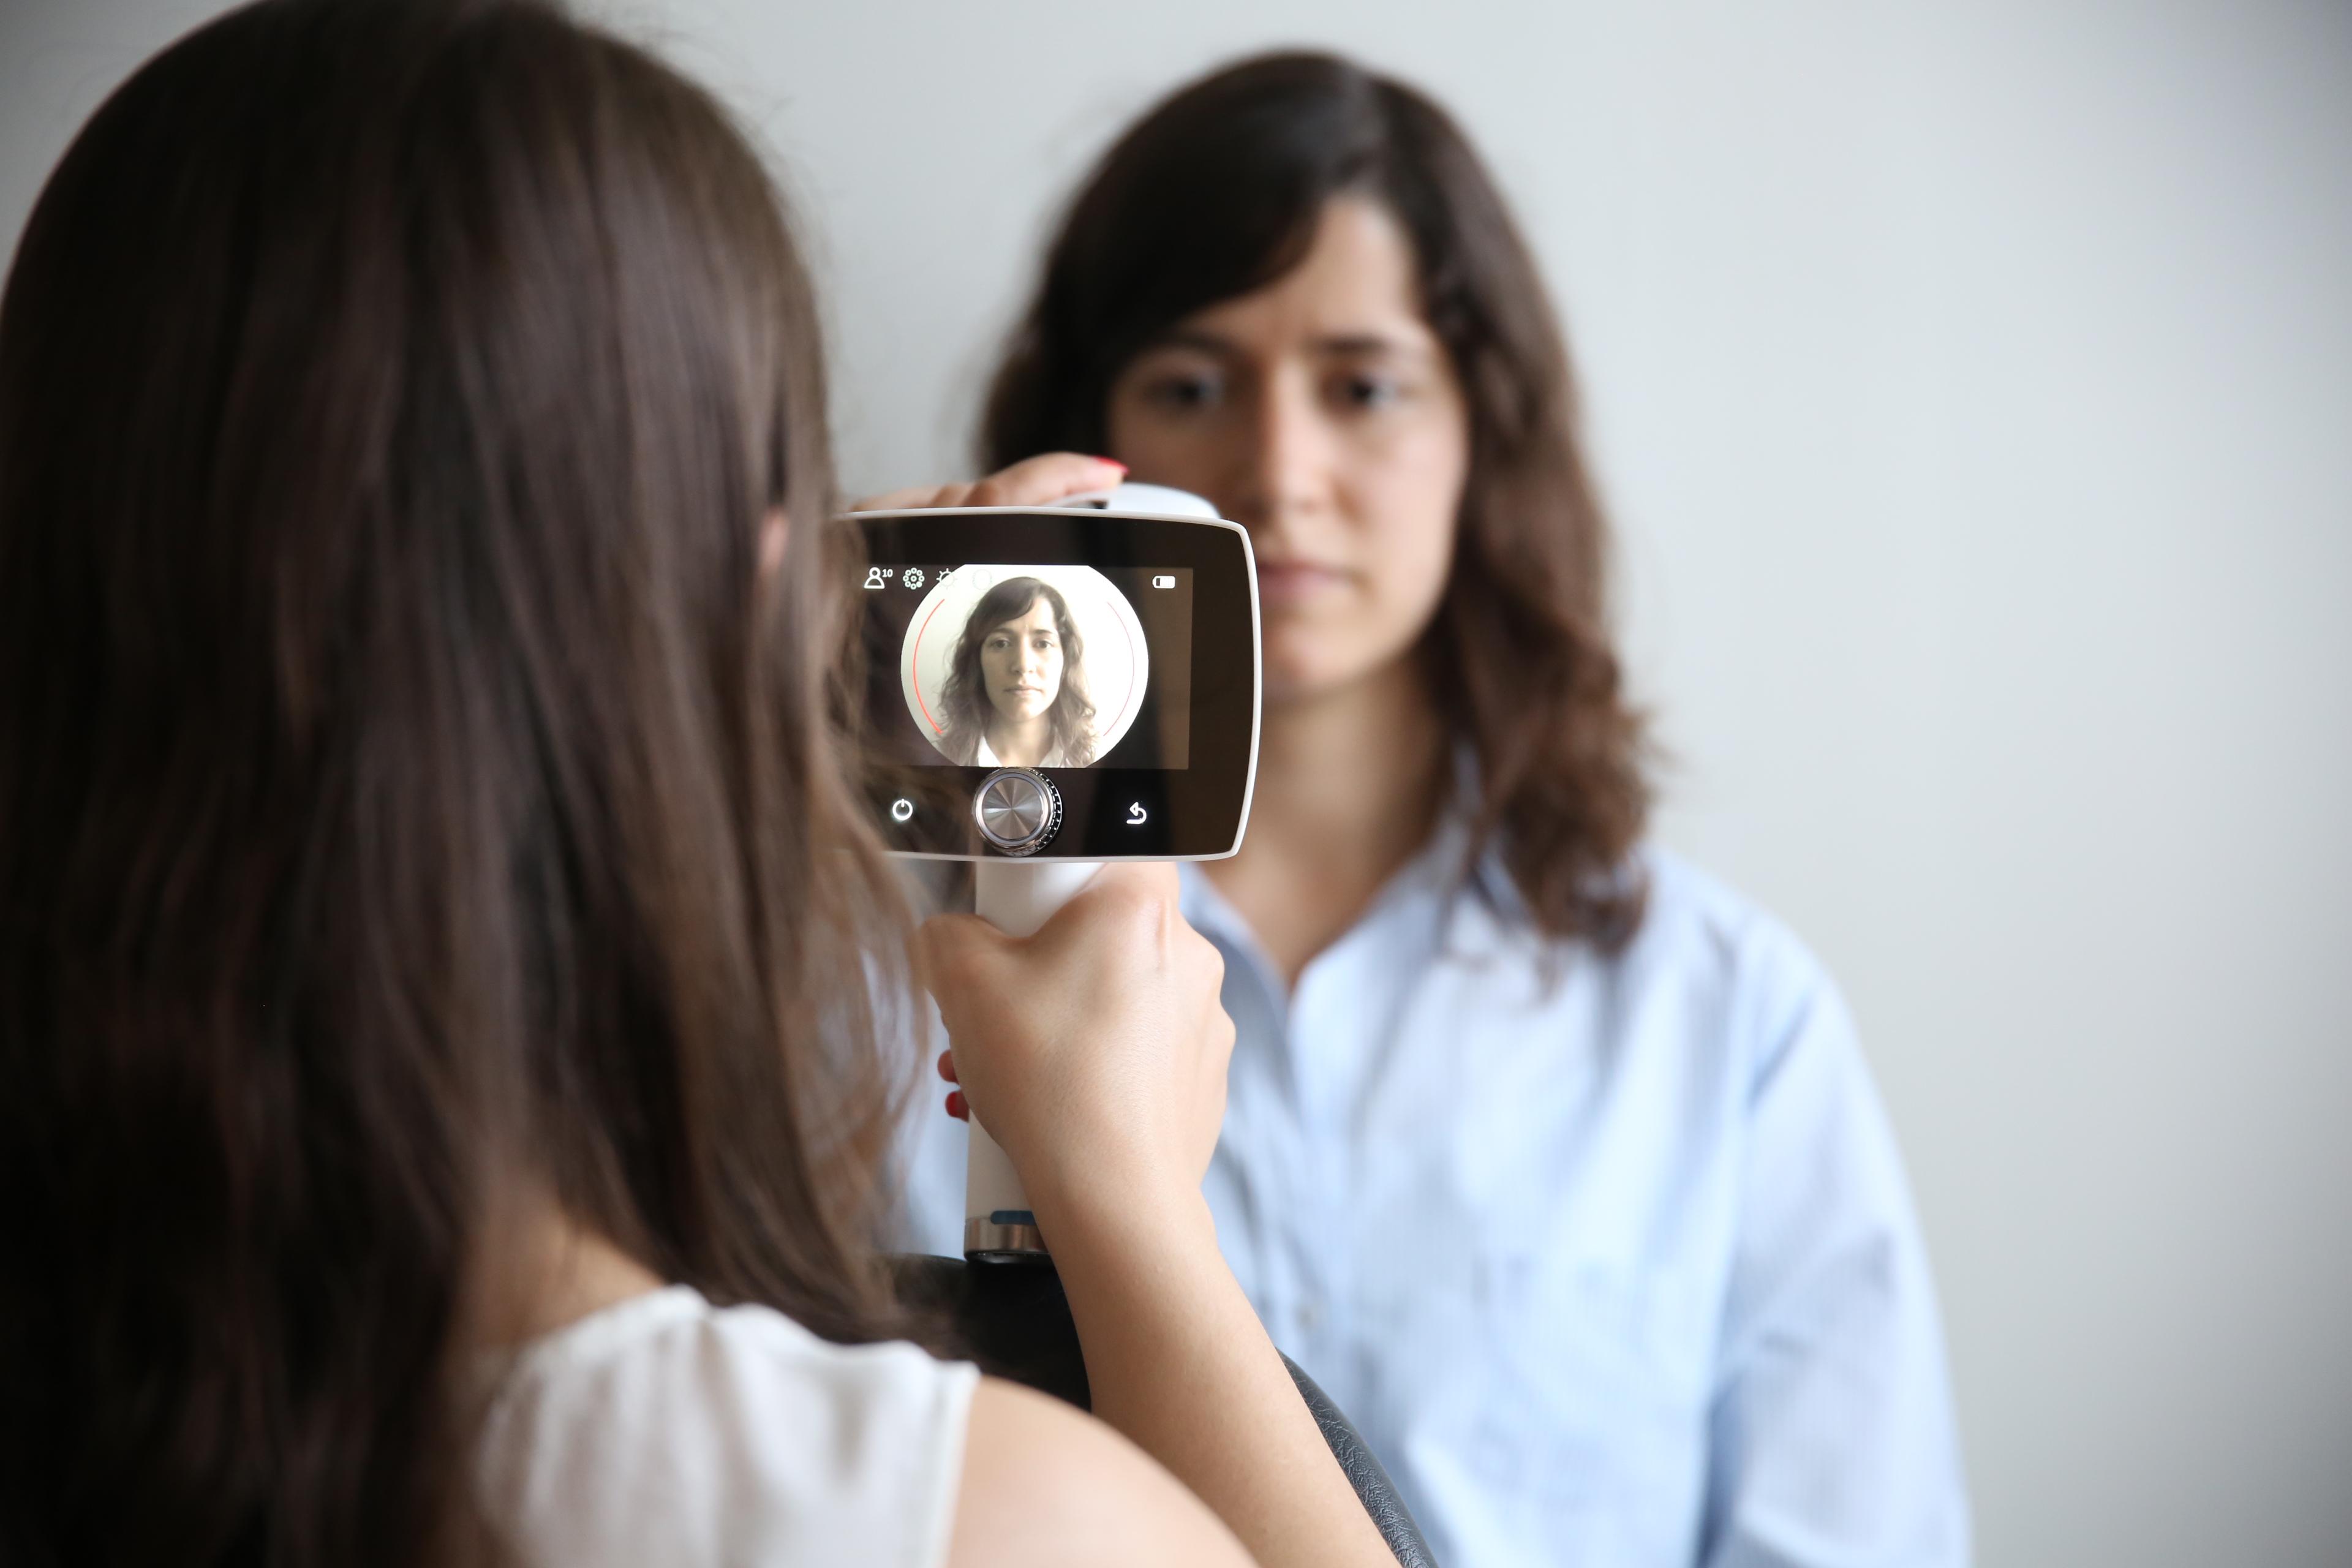 INESC TEC organiza exposição fotográfica que combina arte e tecnologia